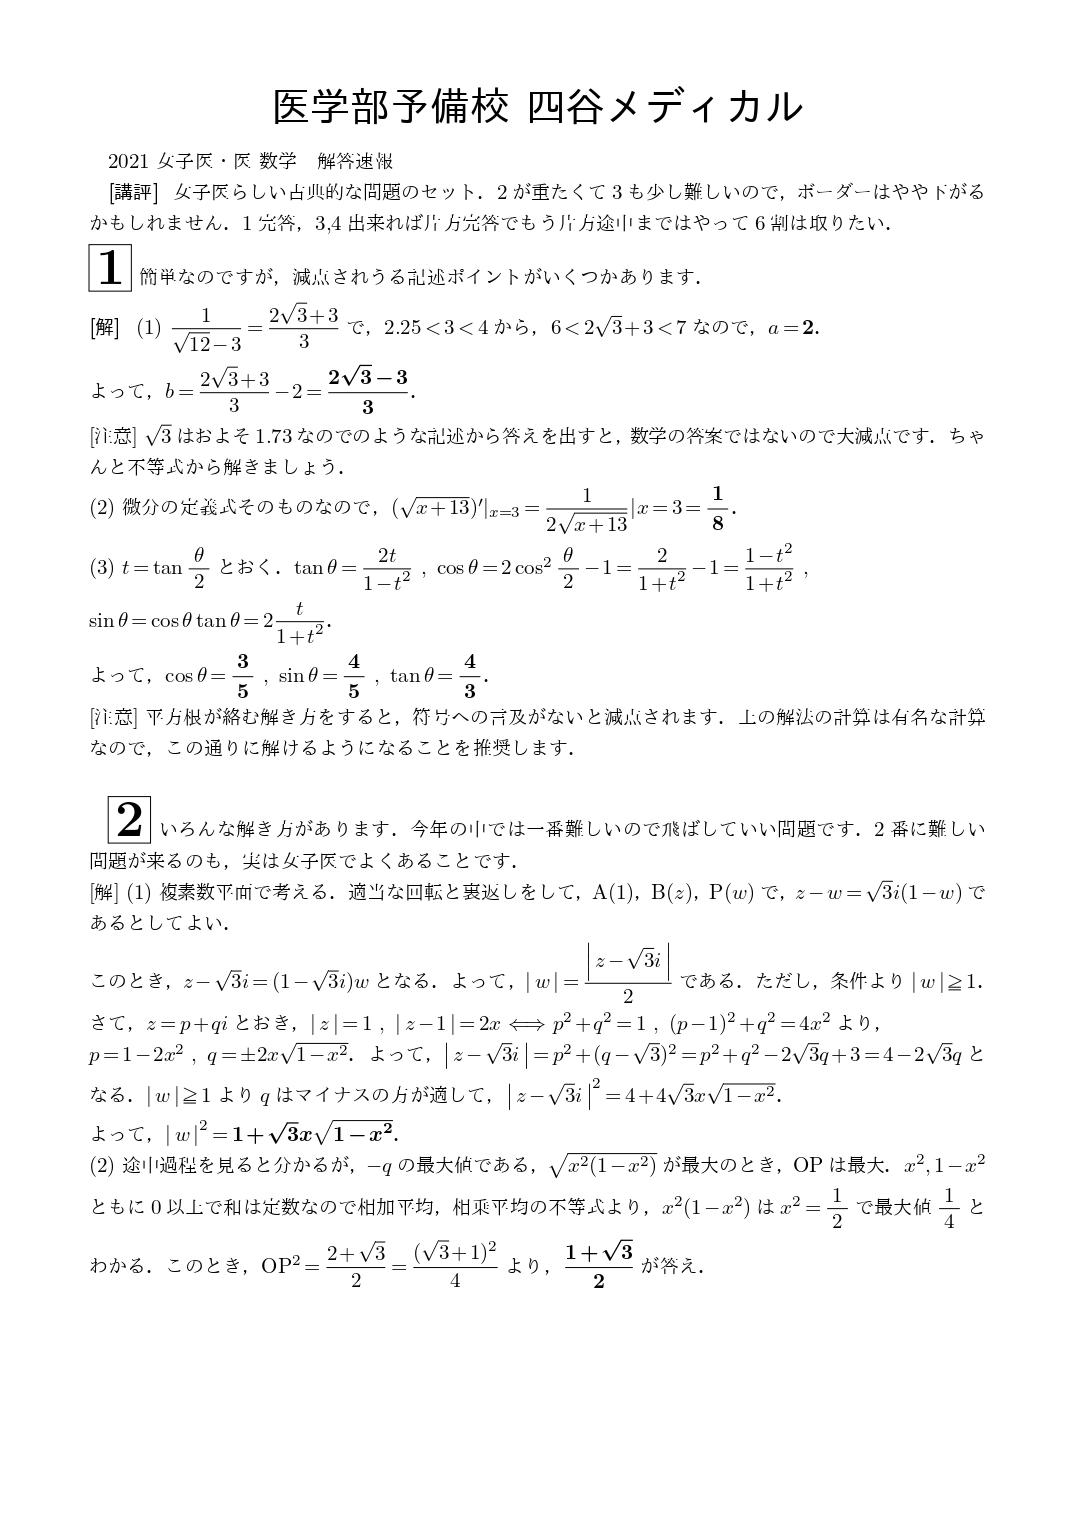 2021年1月28日 東京女子医科大学(数学) 解答速報